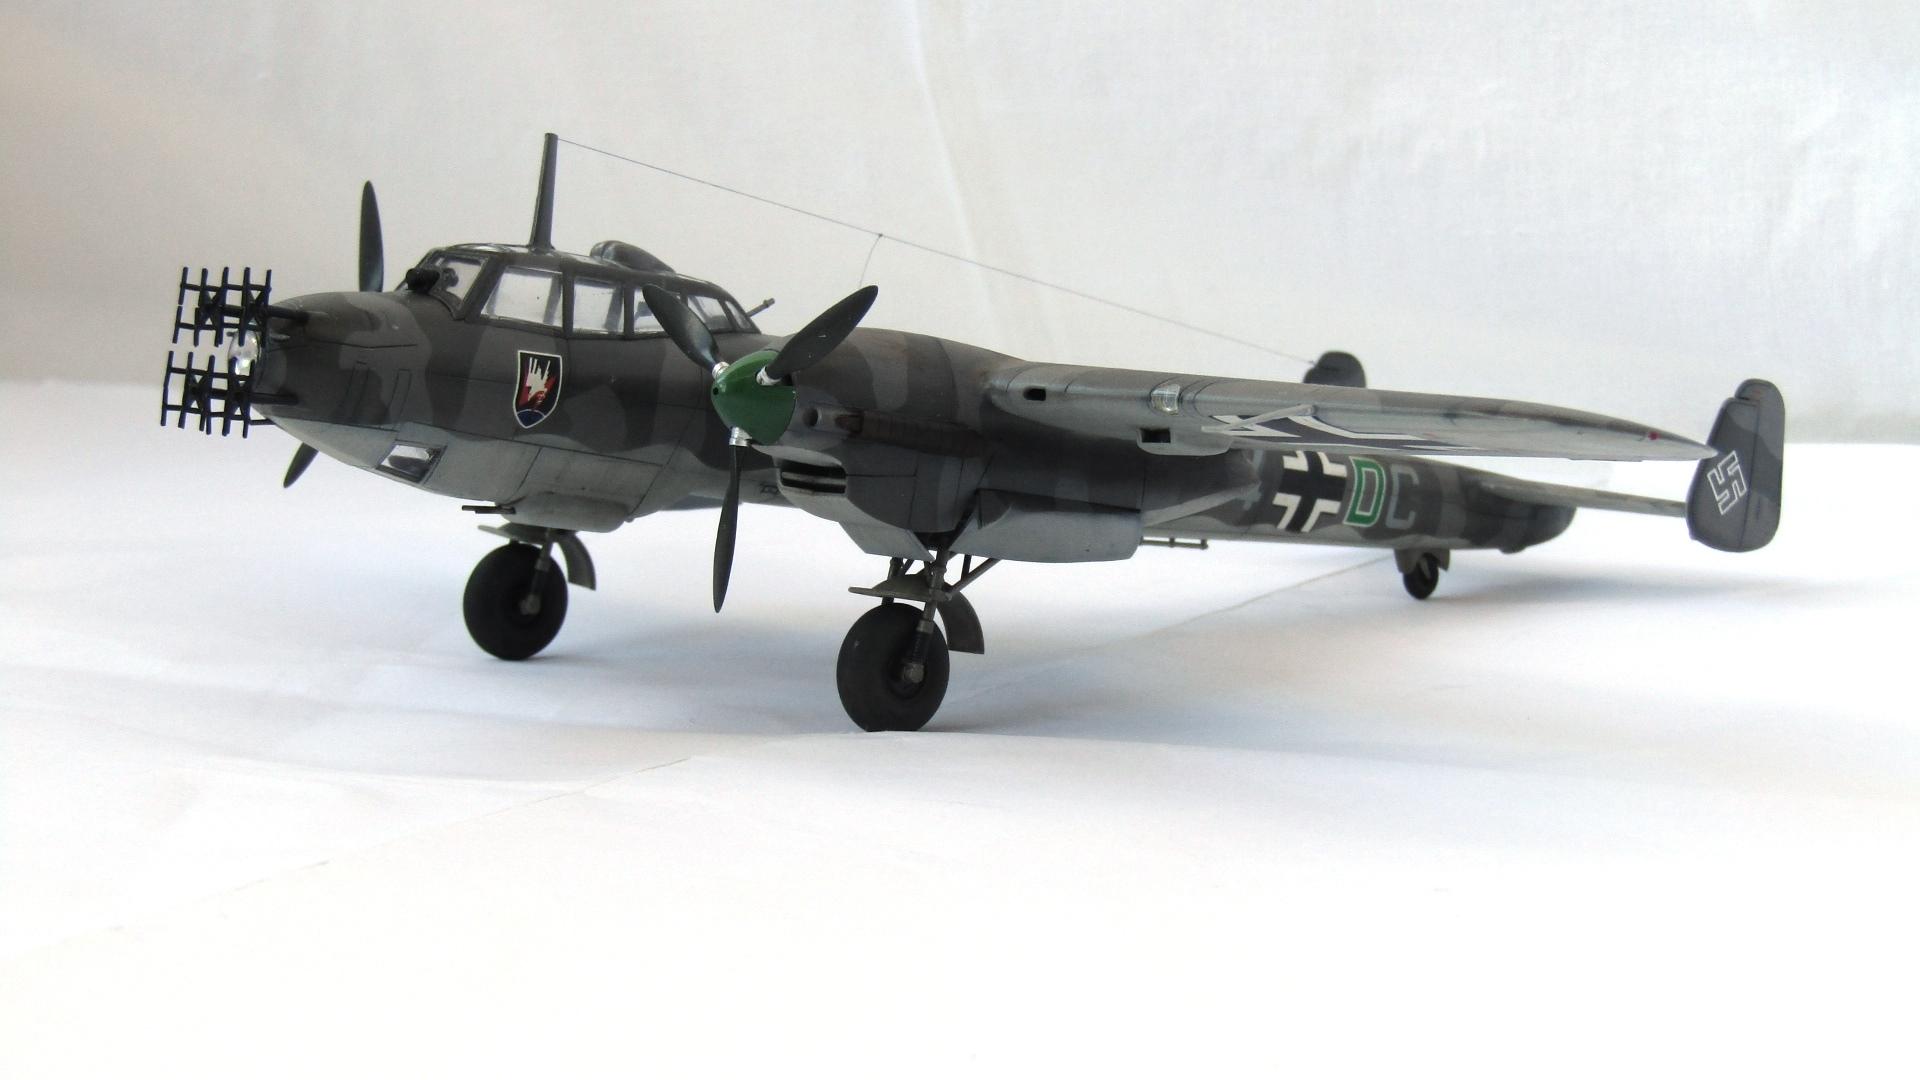 Do-215 B-5 1/72 (ICM) 2pEwHmH_gx0